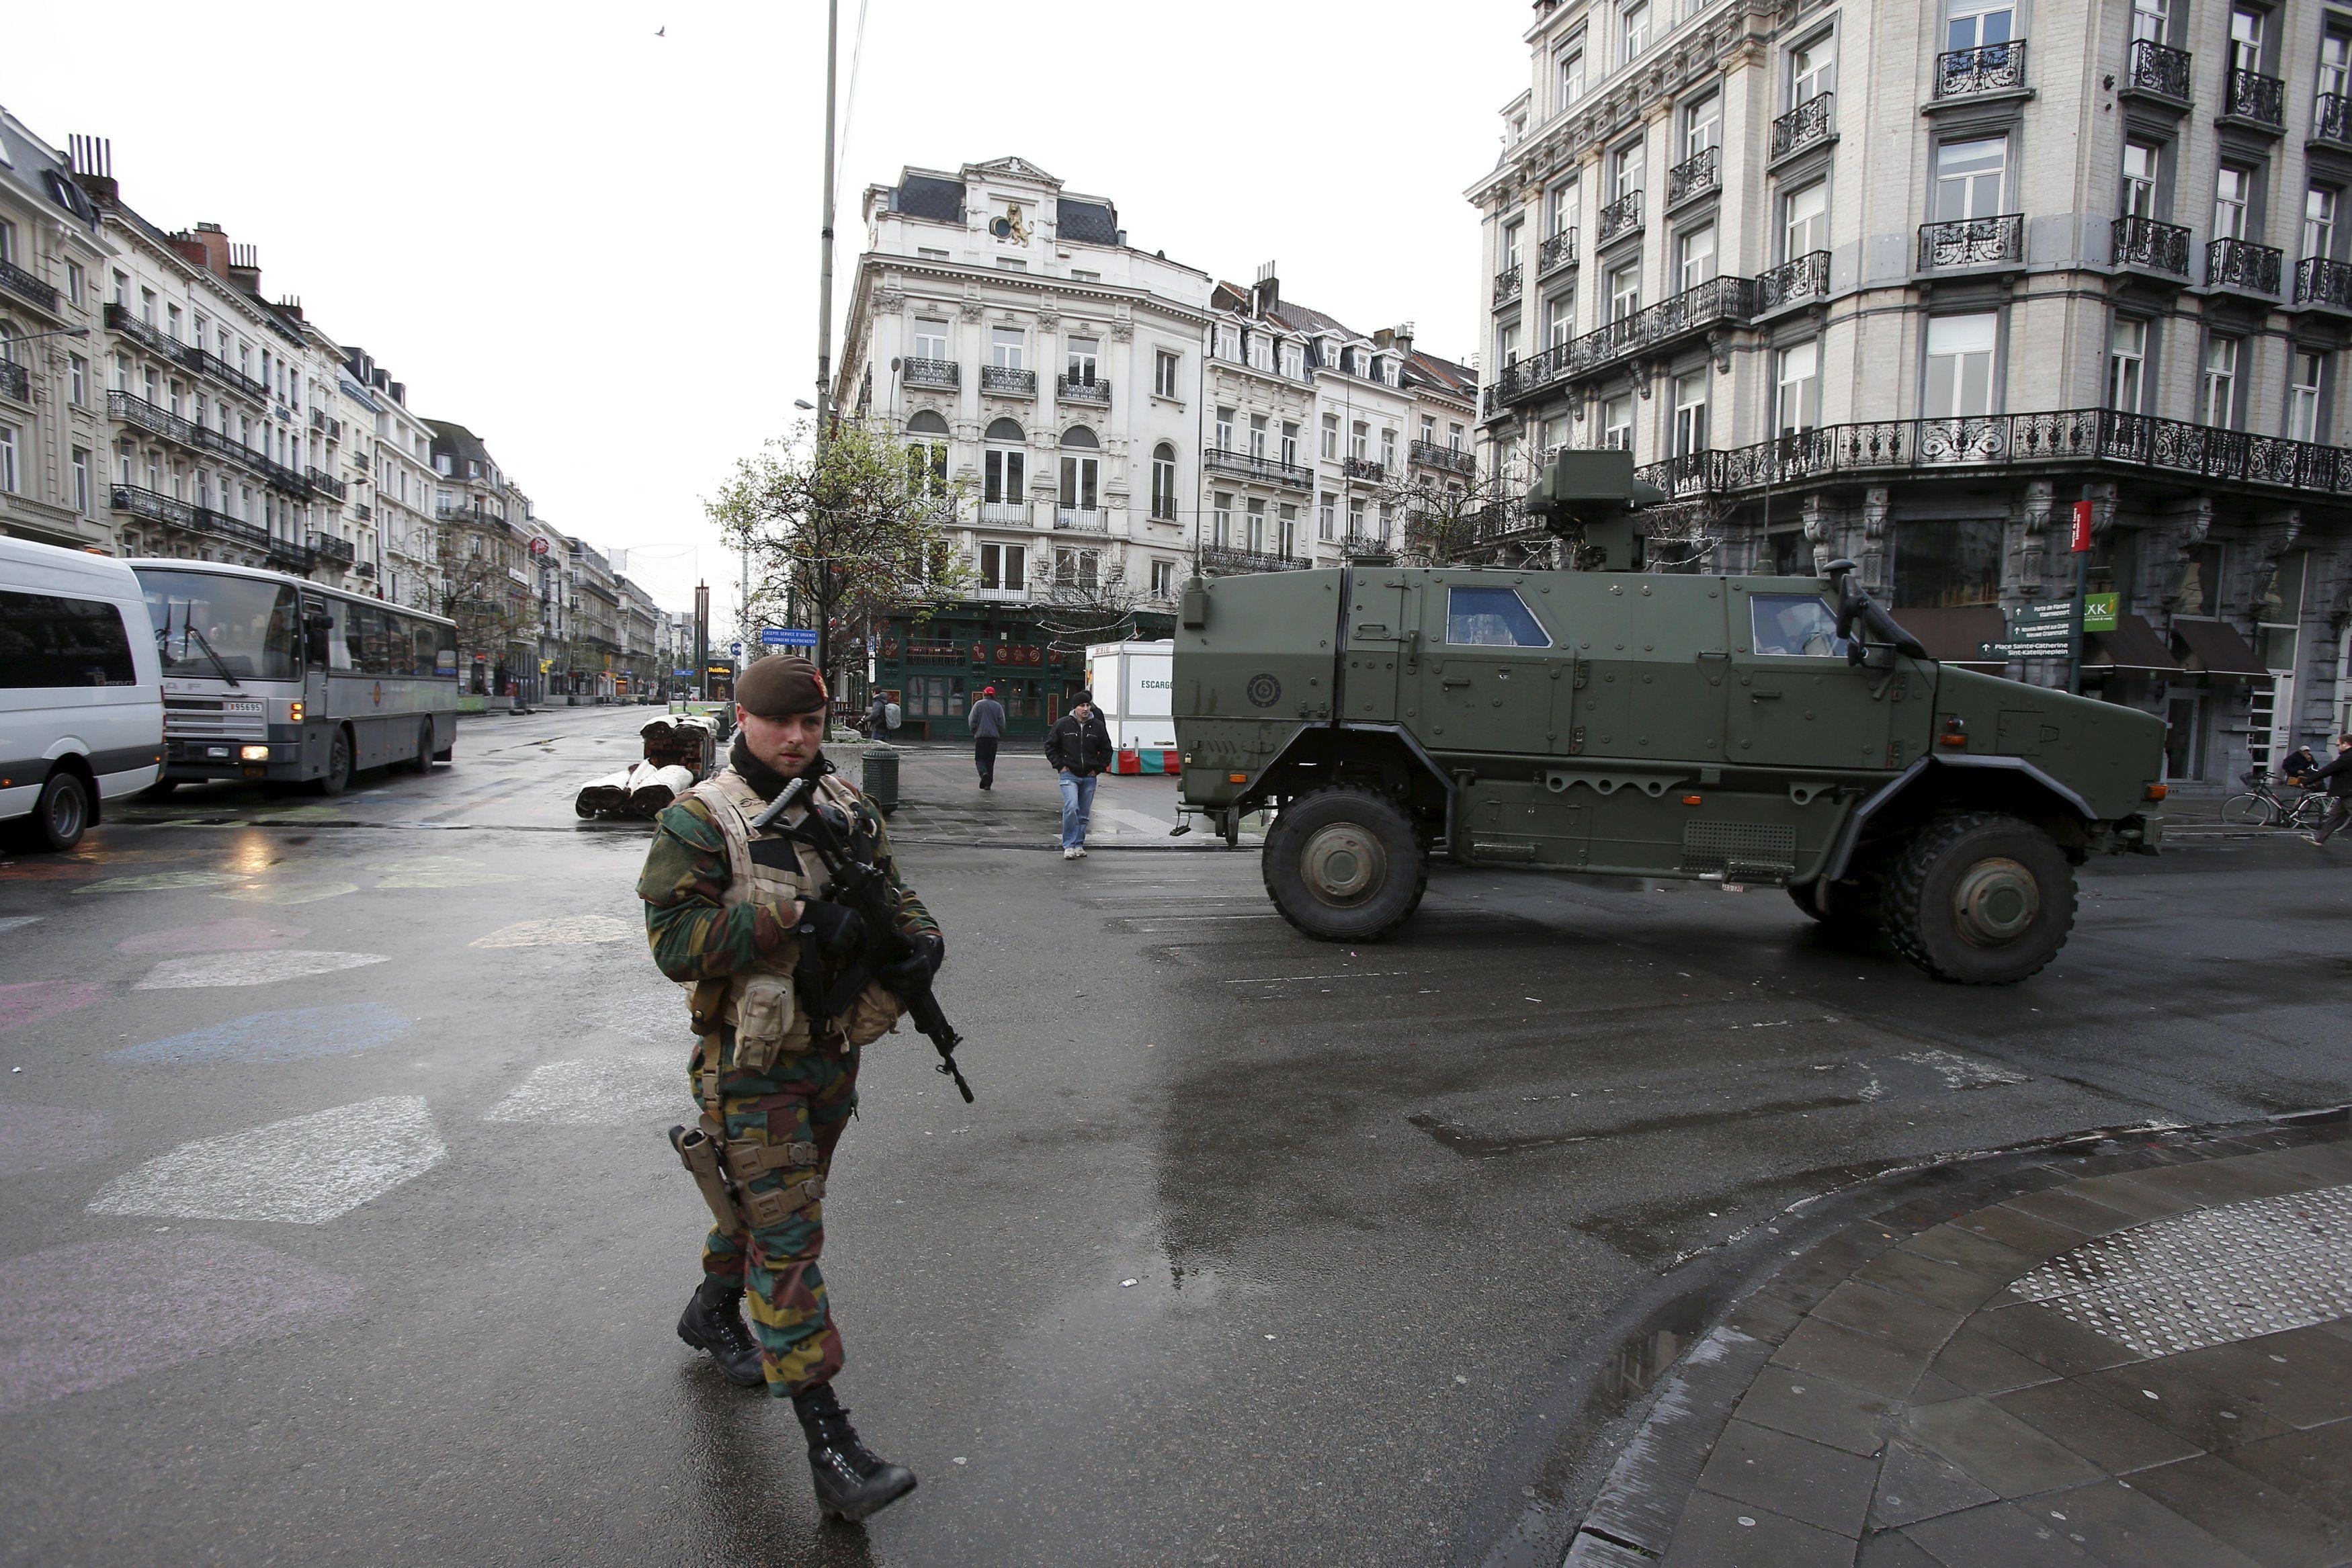 В Бельгии разыскивают террористов